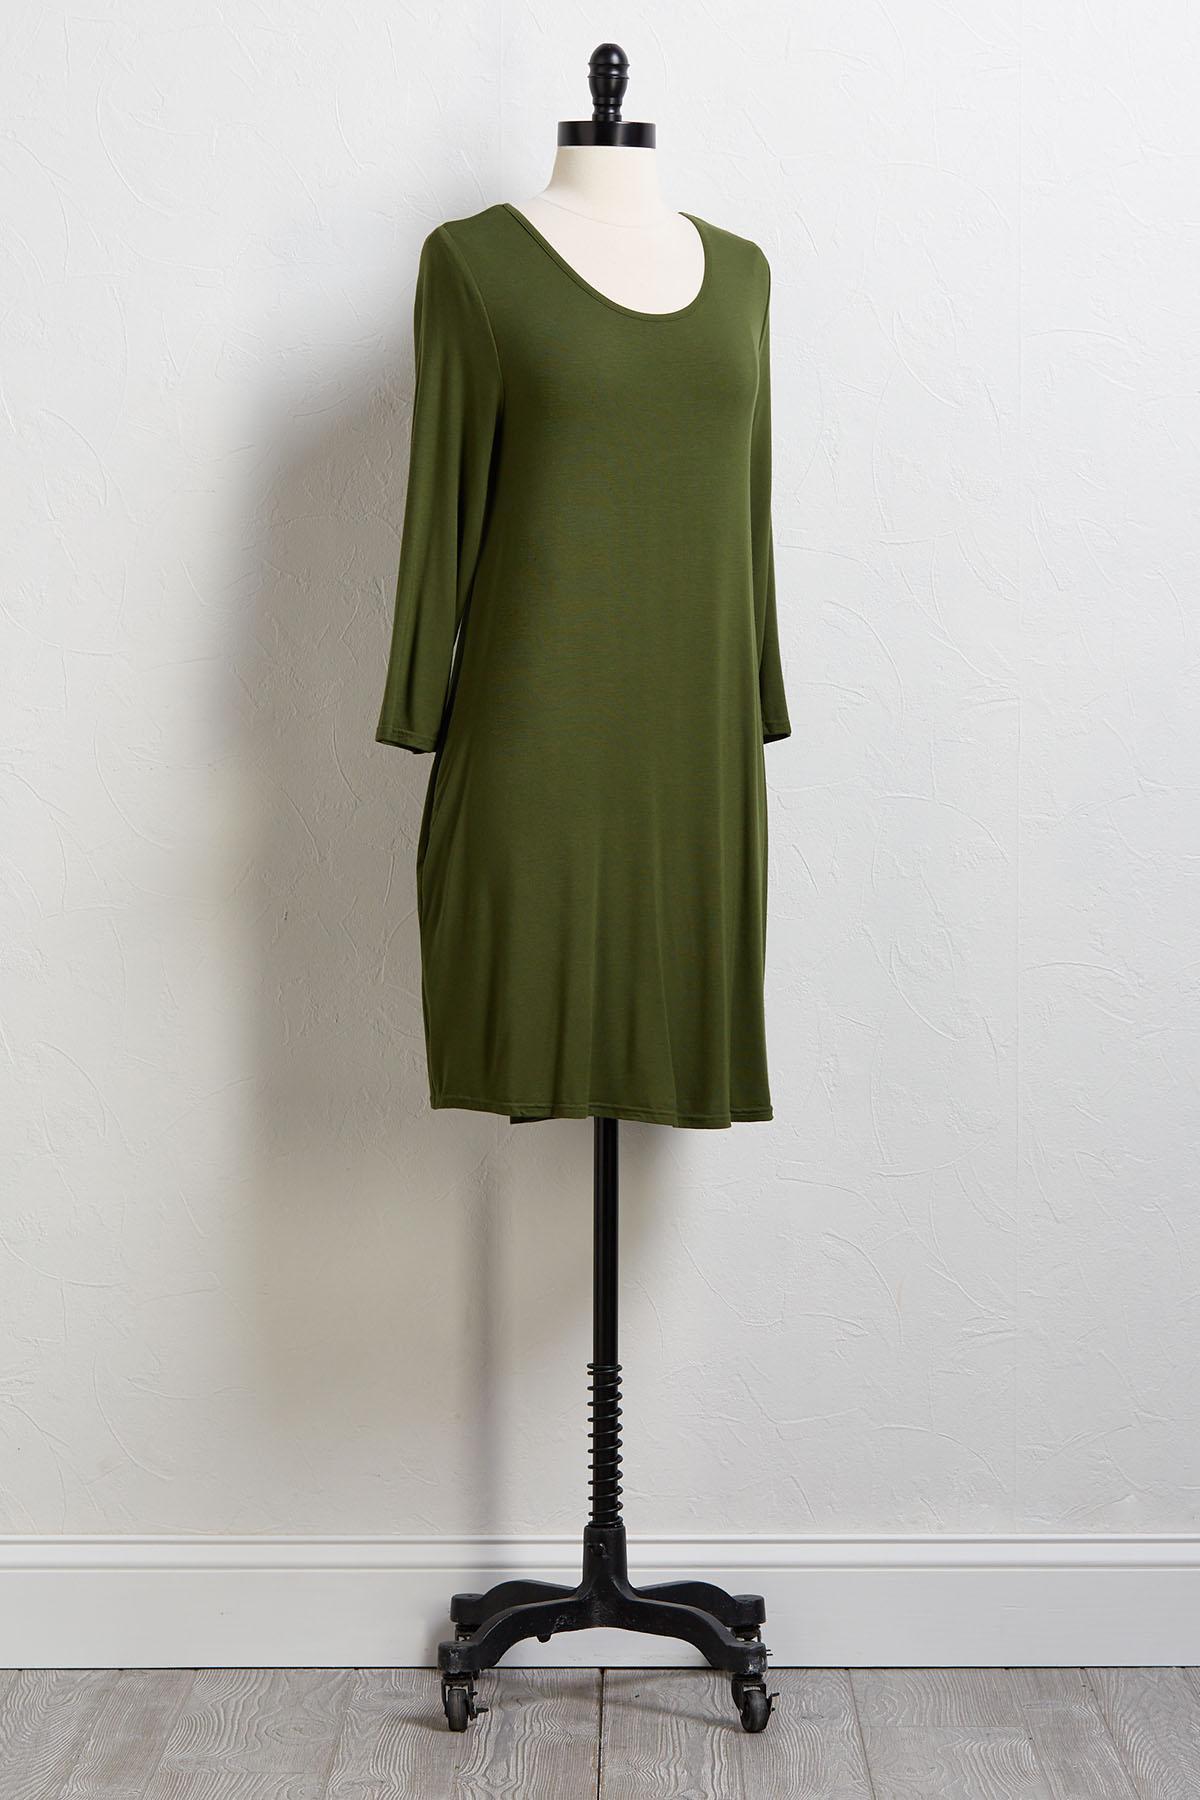 Green Tee Please Shirt Dress